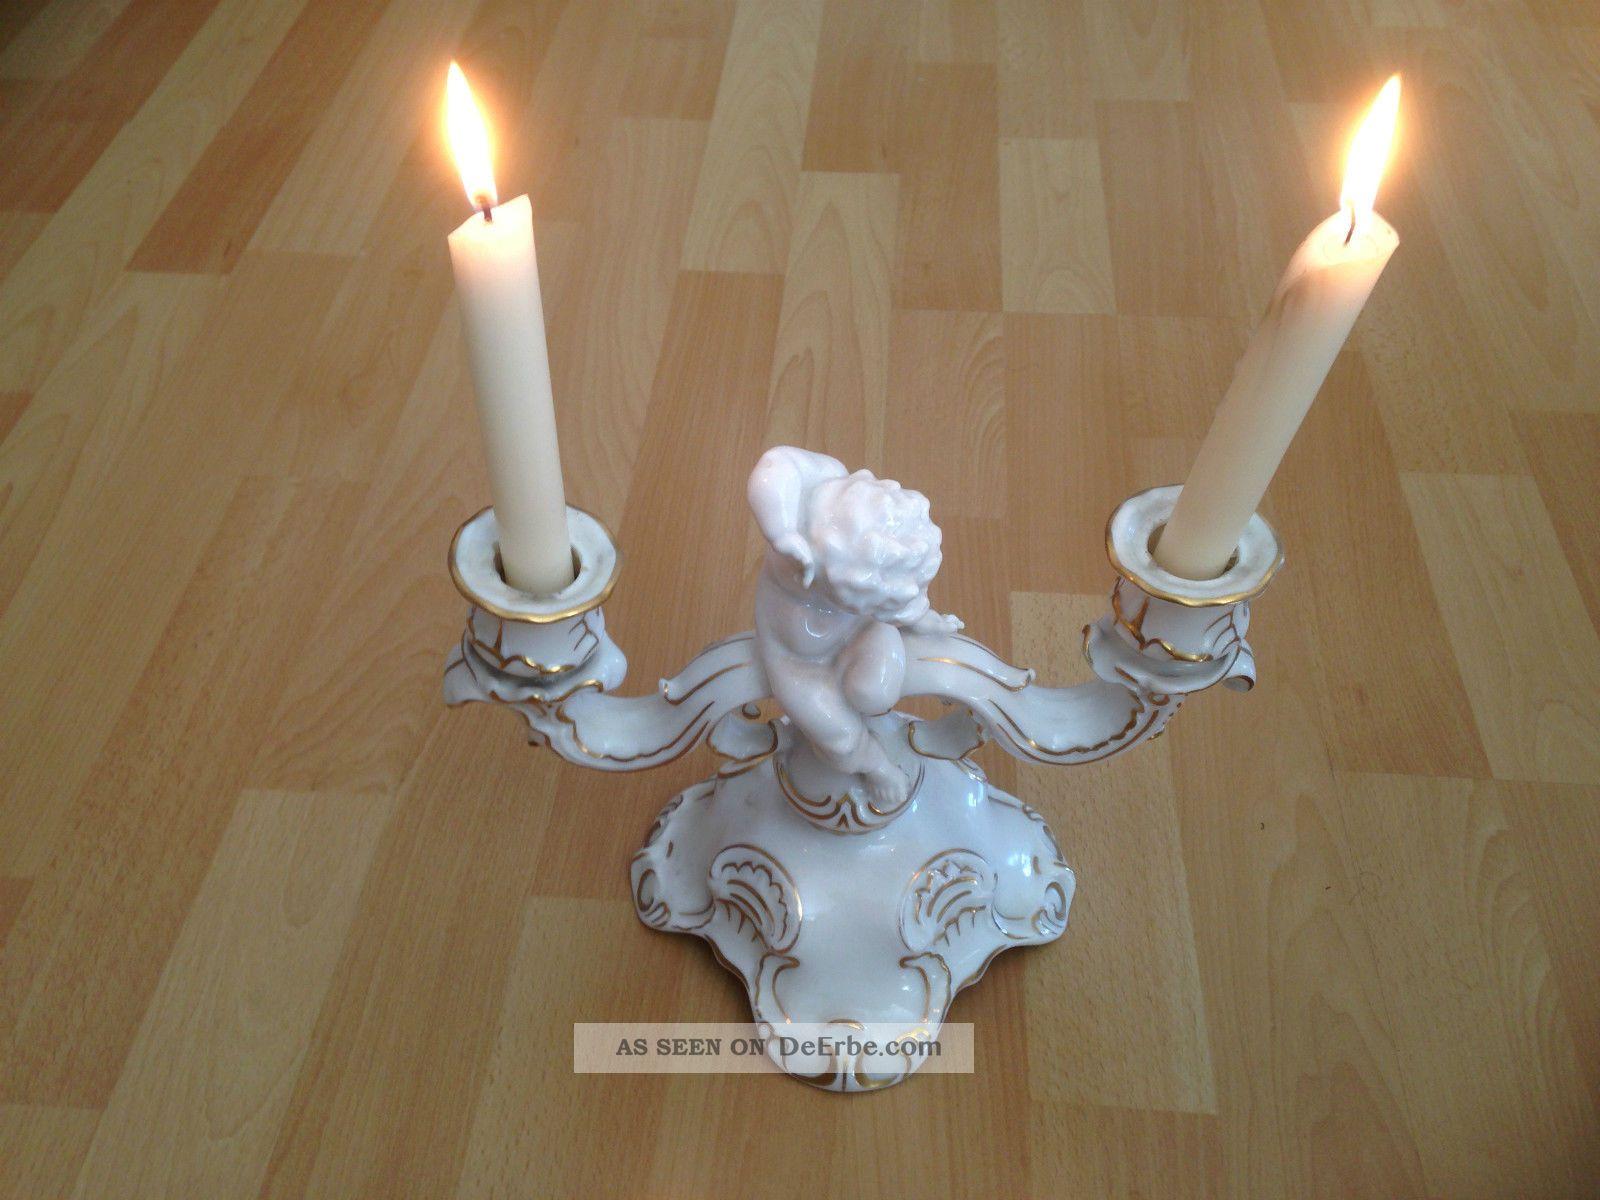 hutschenreuther selb bavaria kerzenleuchter mit engel und zwei kerzen. Black Bedroom Furniture Sets. Home Design Ideas